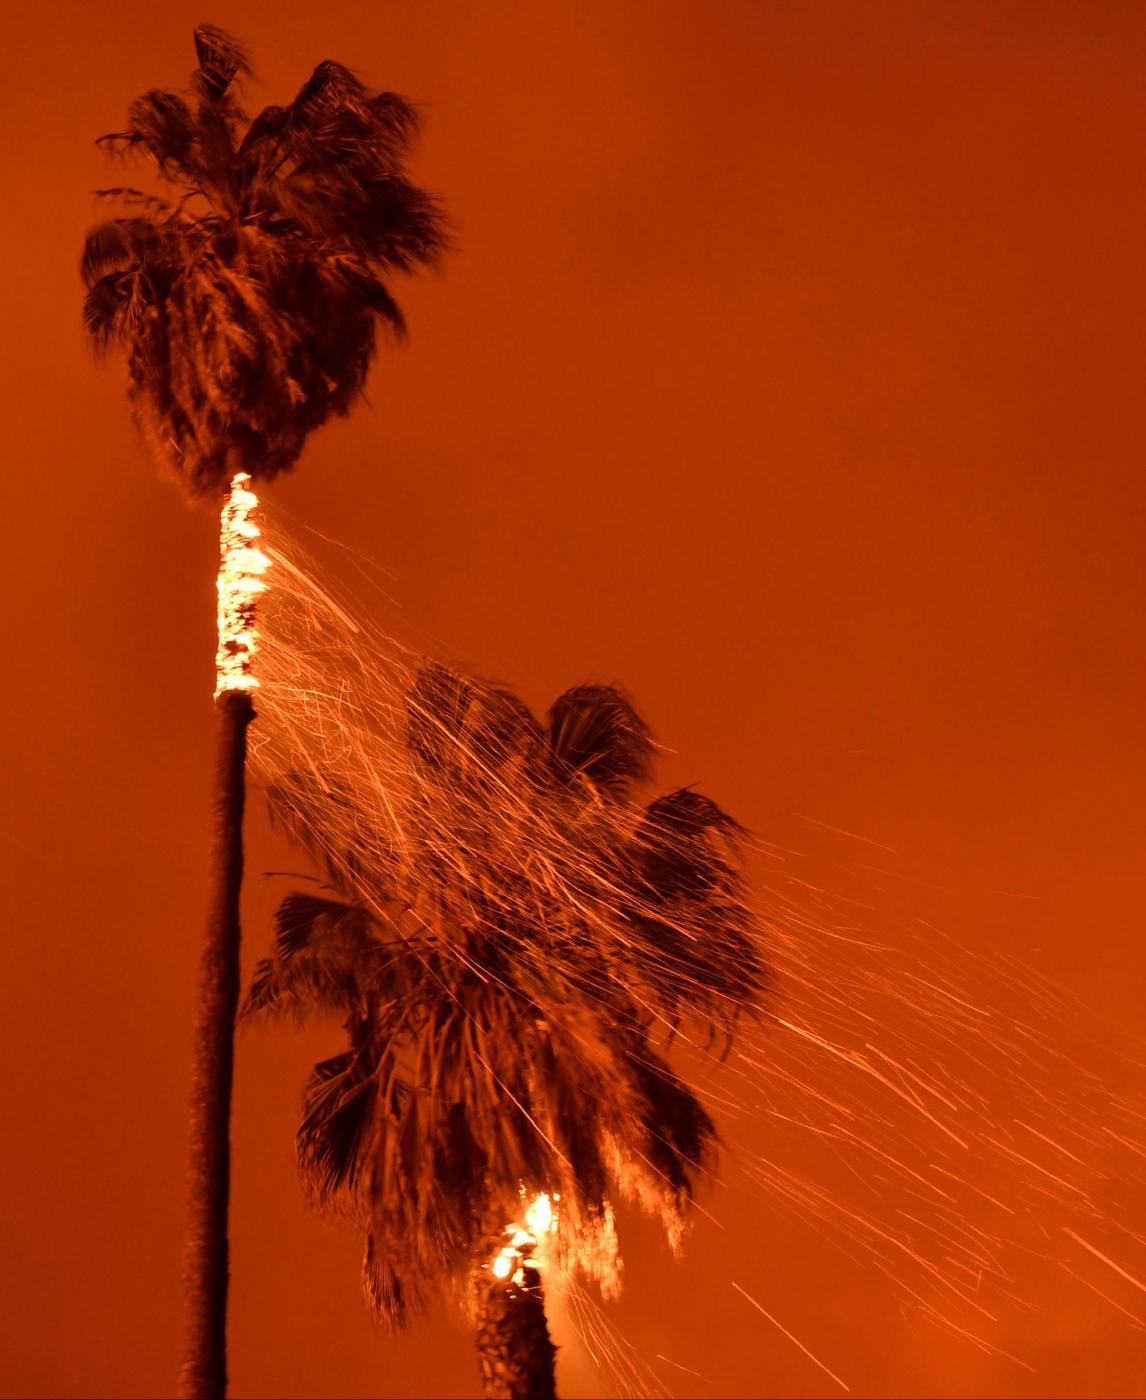 Vasti incendi nel sud della california stato di emergenza for Cabine romantiche nel sud della california